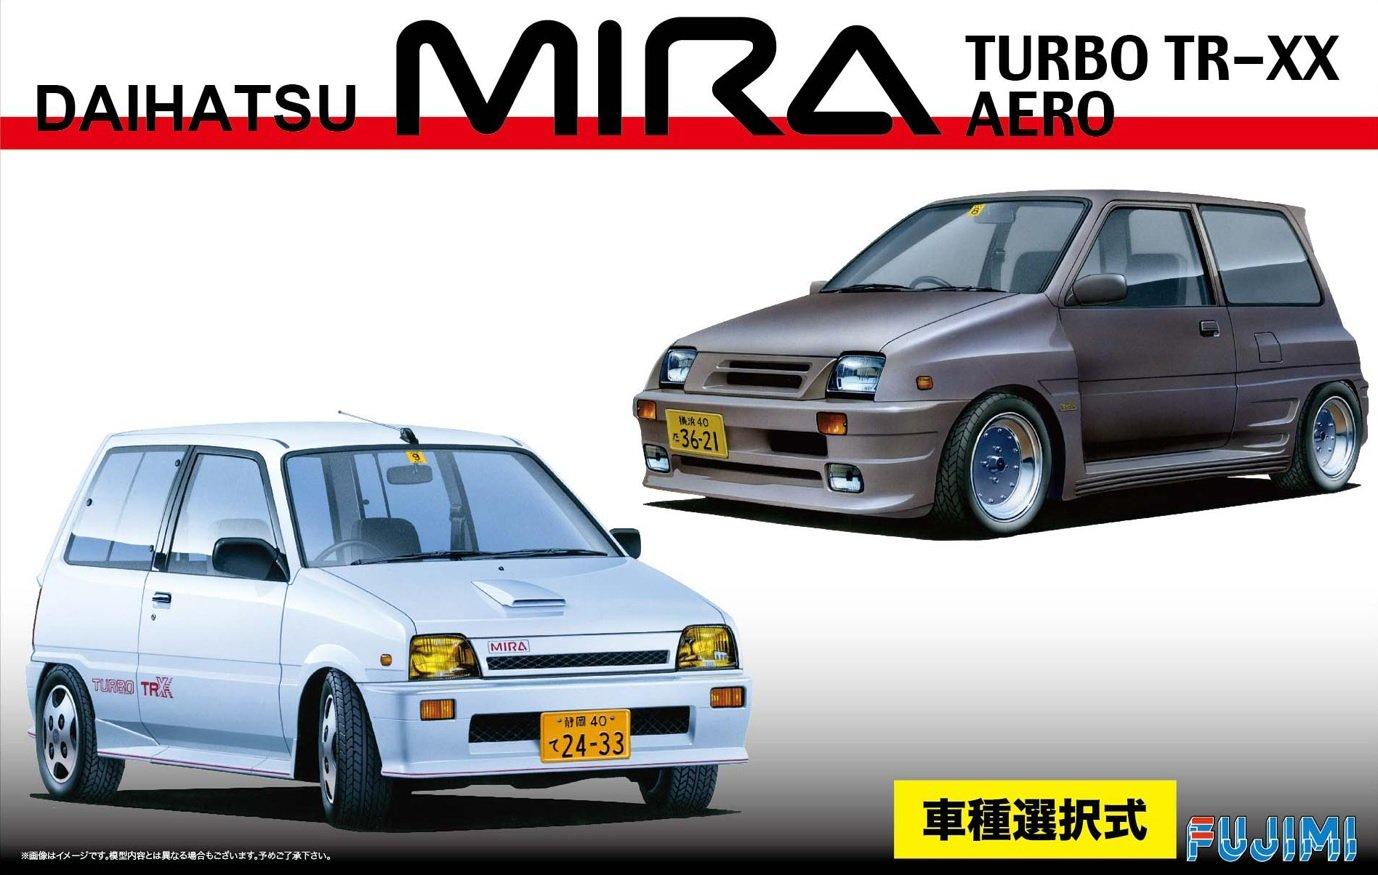 1/24 pulgadas hasta No.153 serie Daihatsu Mira turbo TR-XX / Aero: Amazon.es: Juguetes y juegos